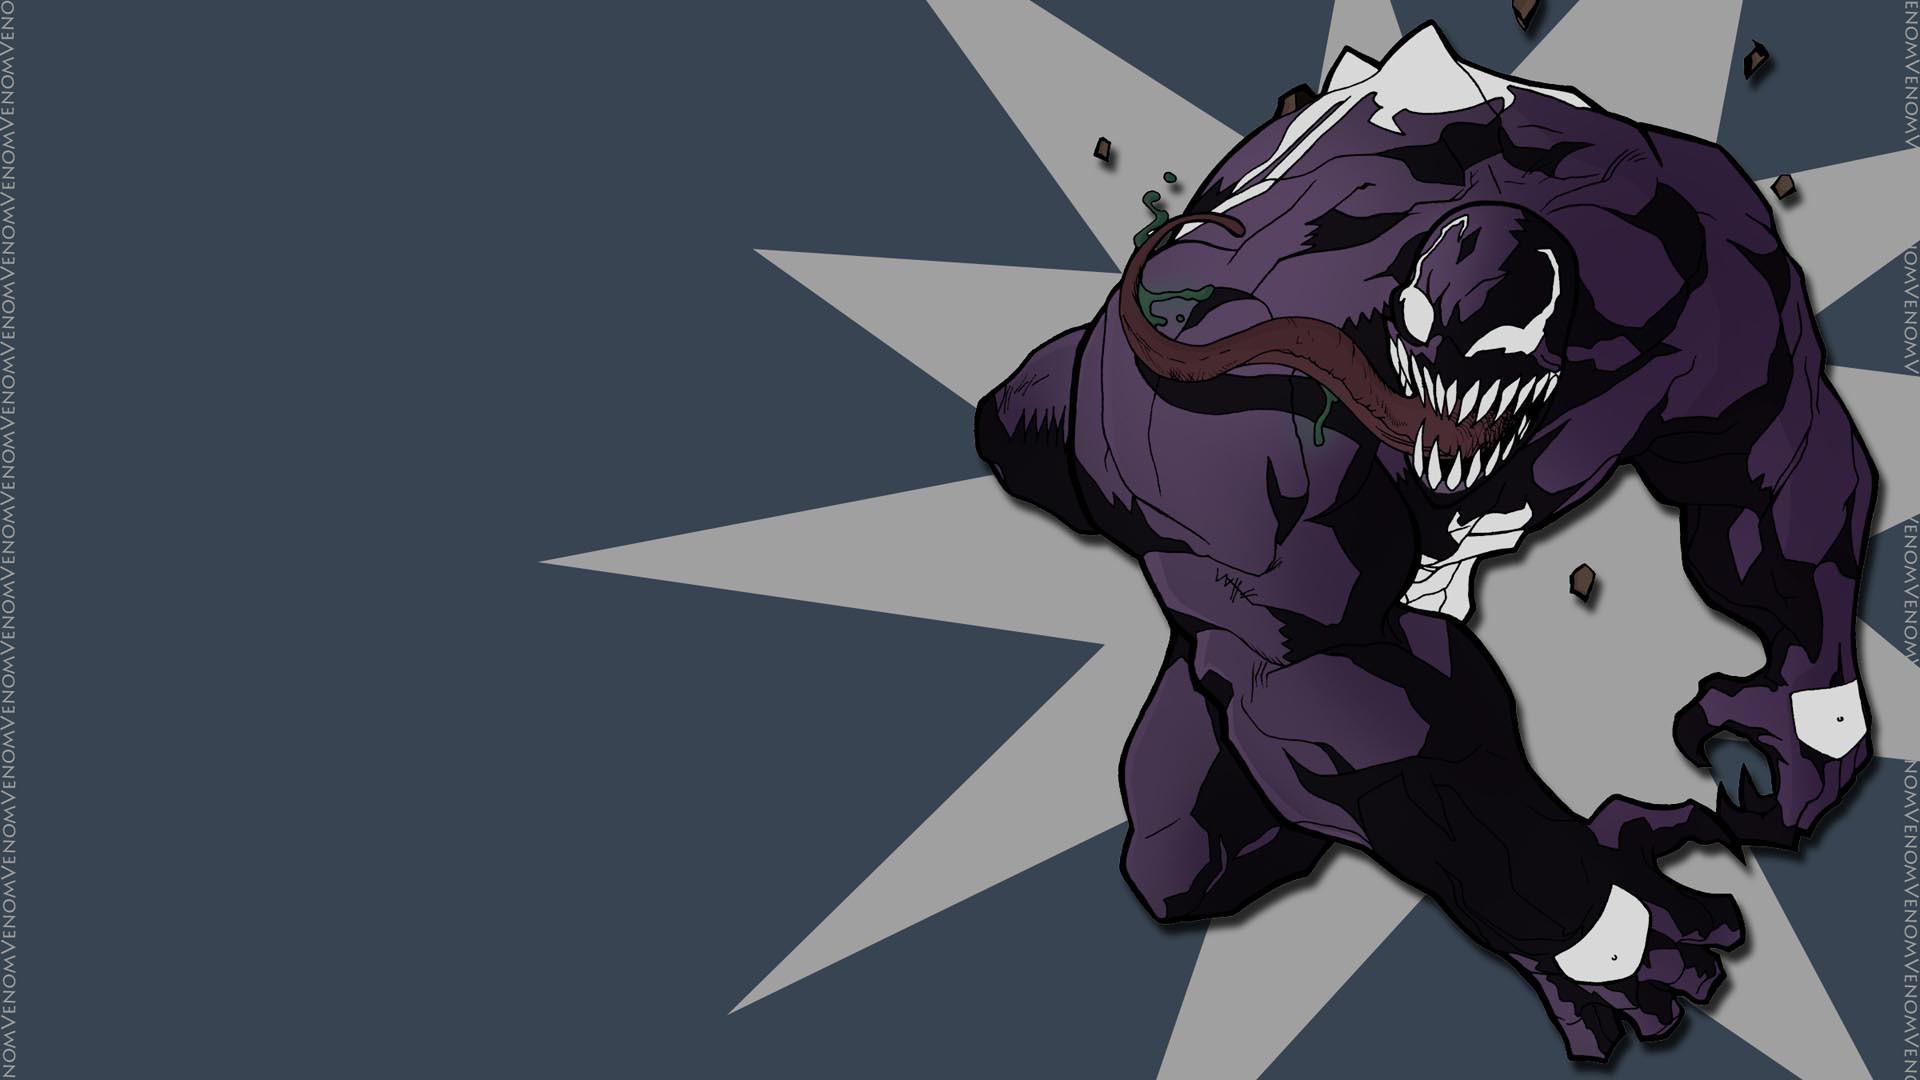 Marvel Venom Wallpaper Hd 67 Images